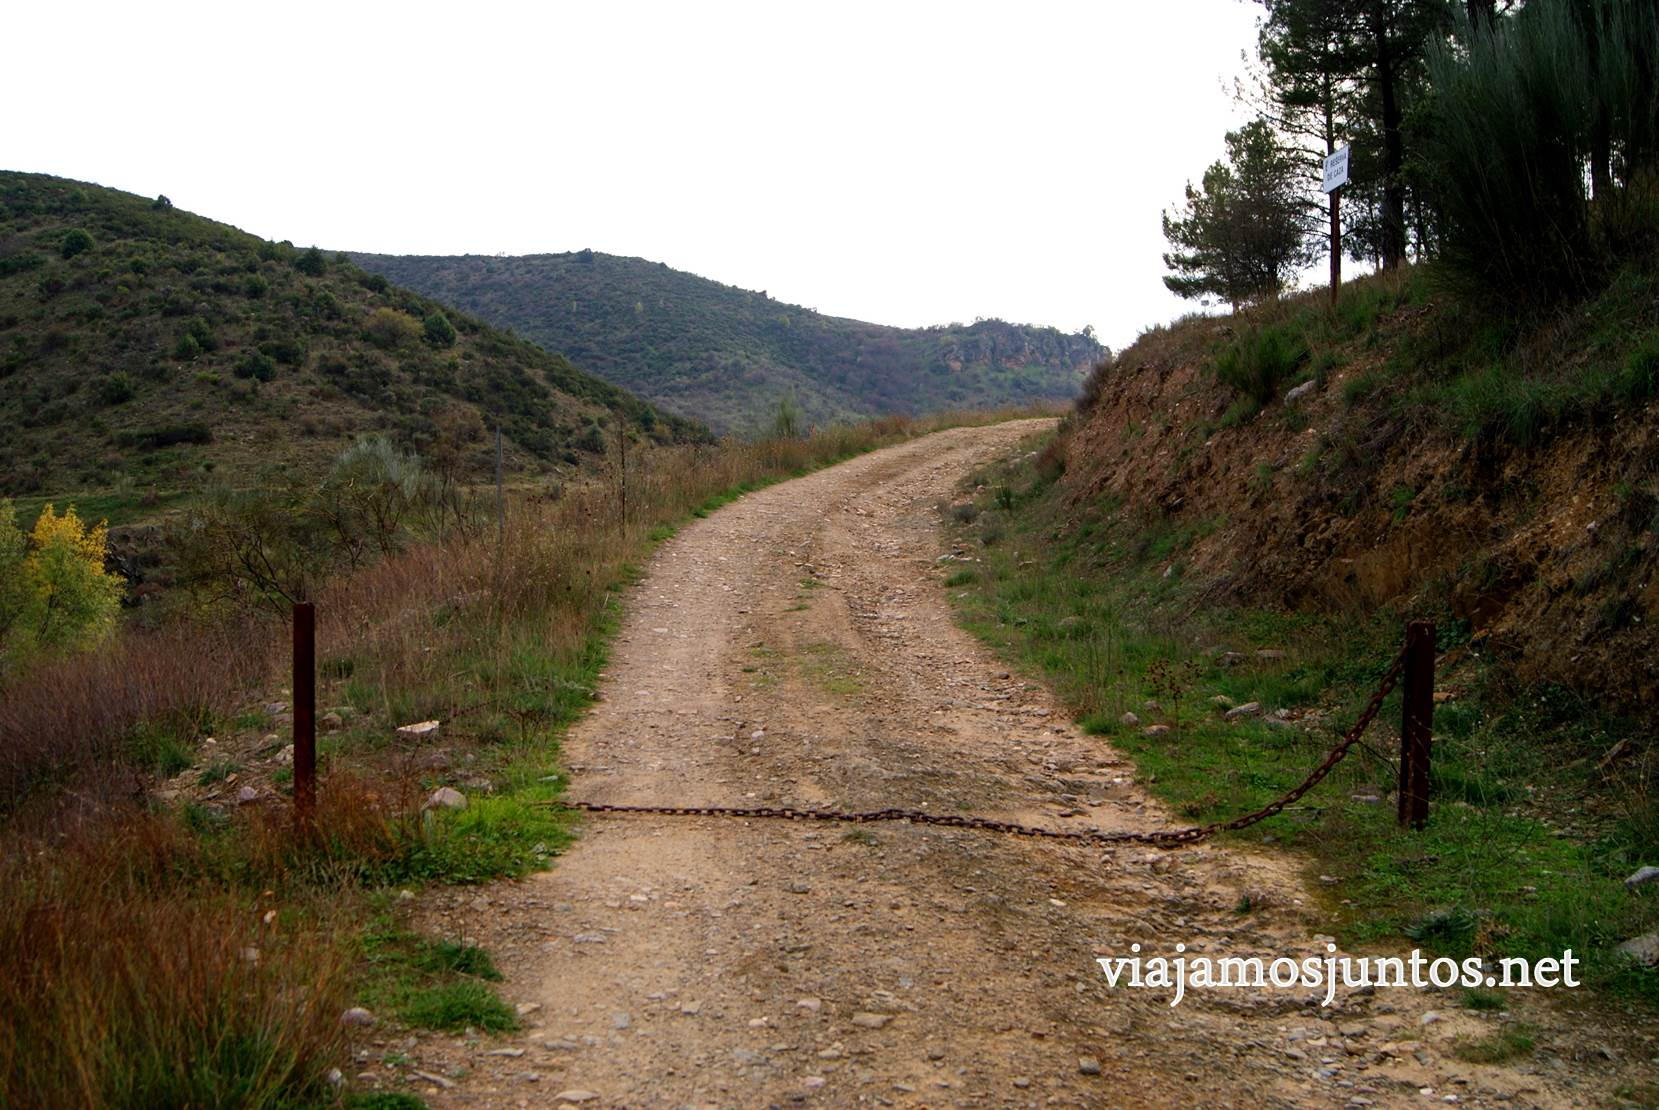 Ruta a las Cárcavas, Patones, Madrid; senderismo por sitios singulares de la Comunidad de Madrid; dirección; coto de caza